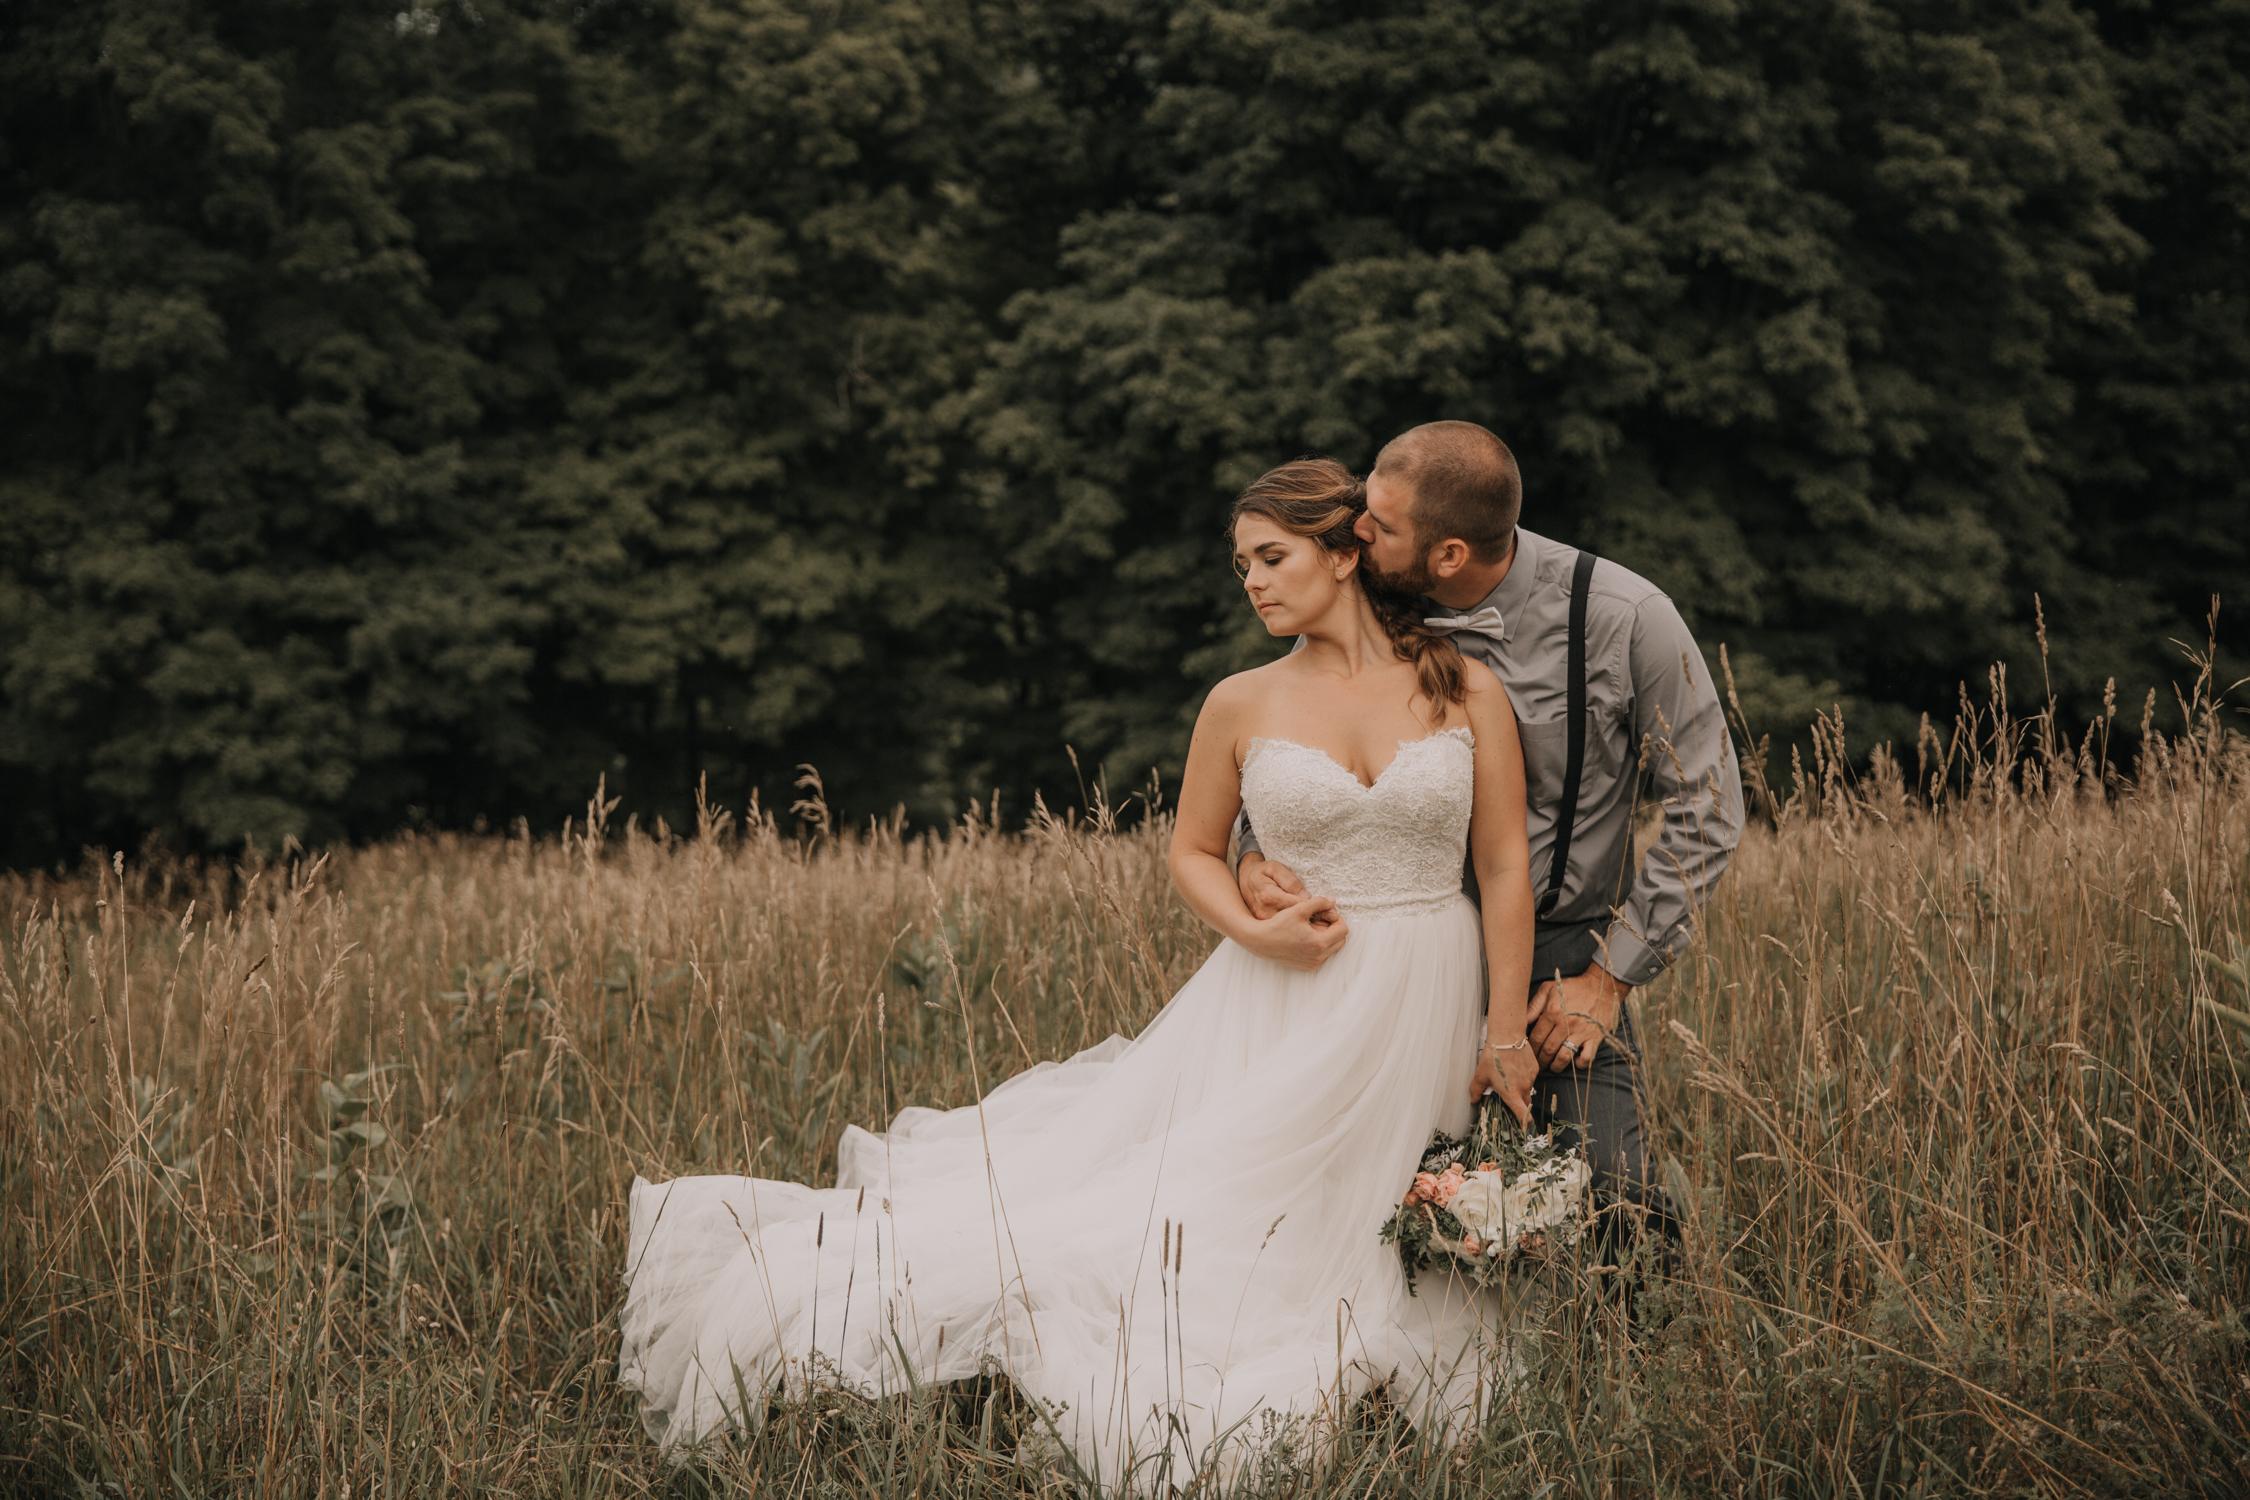 Josh & Suzanne | Vermont